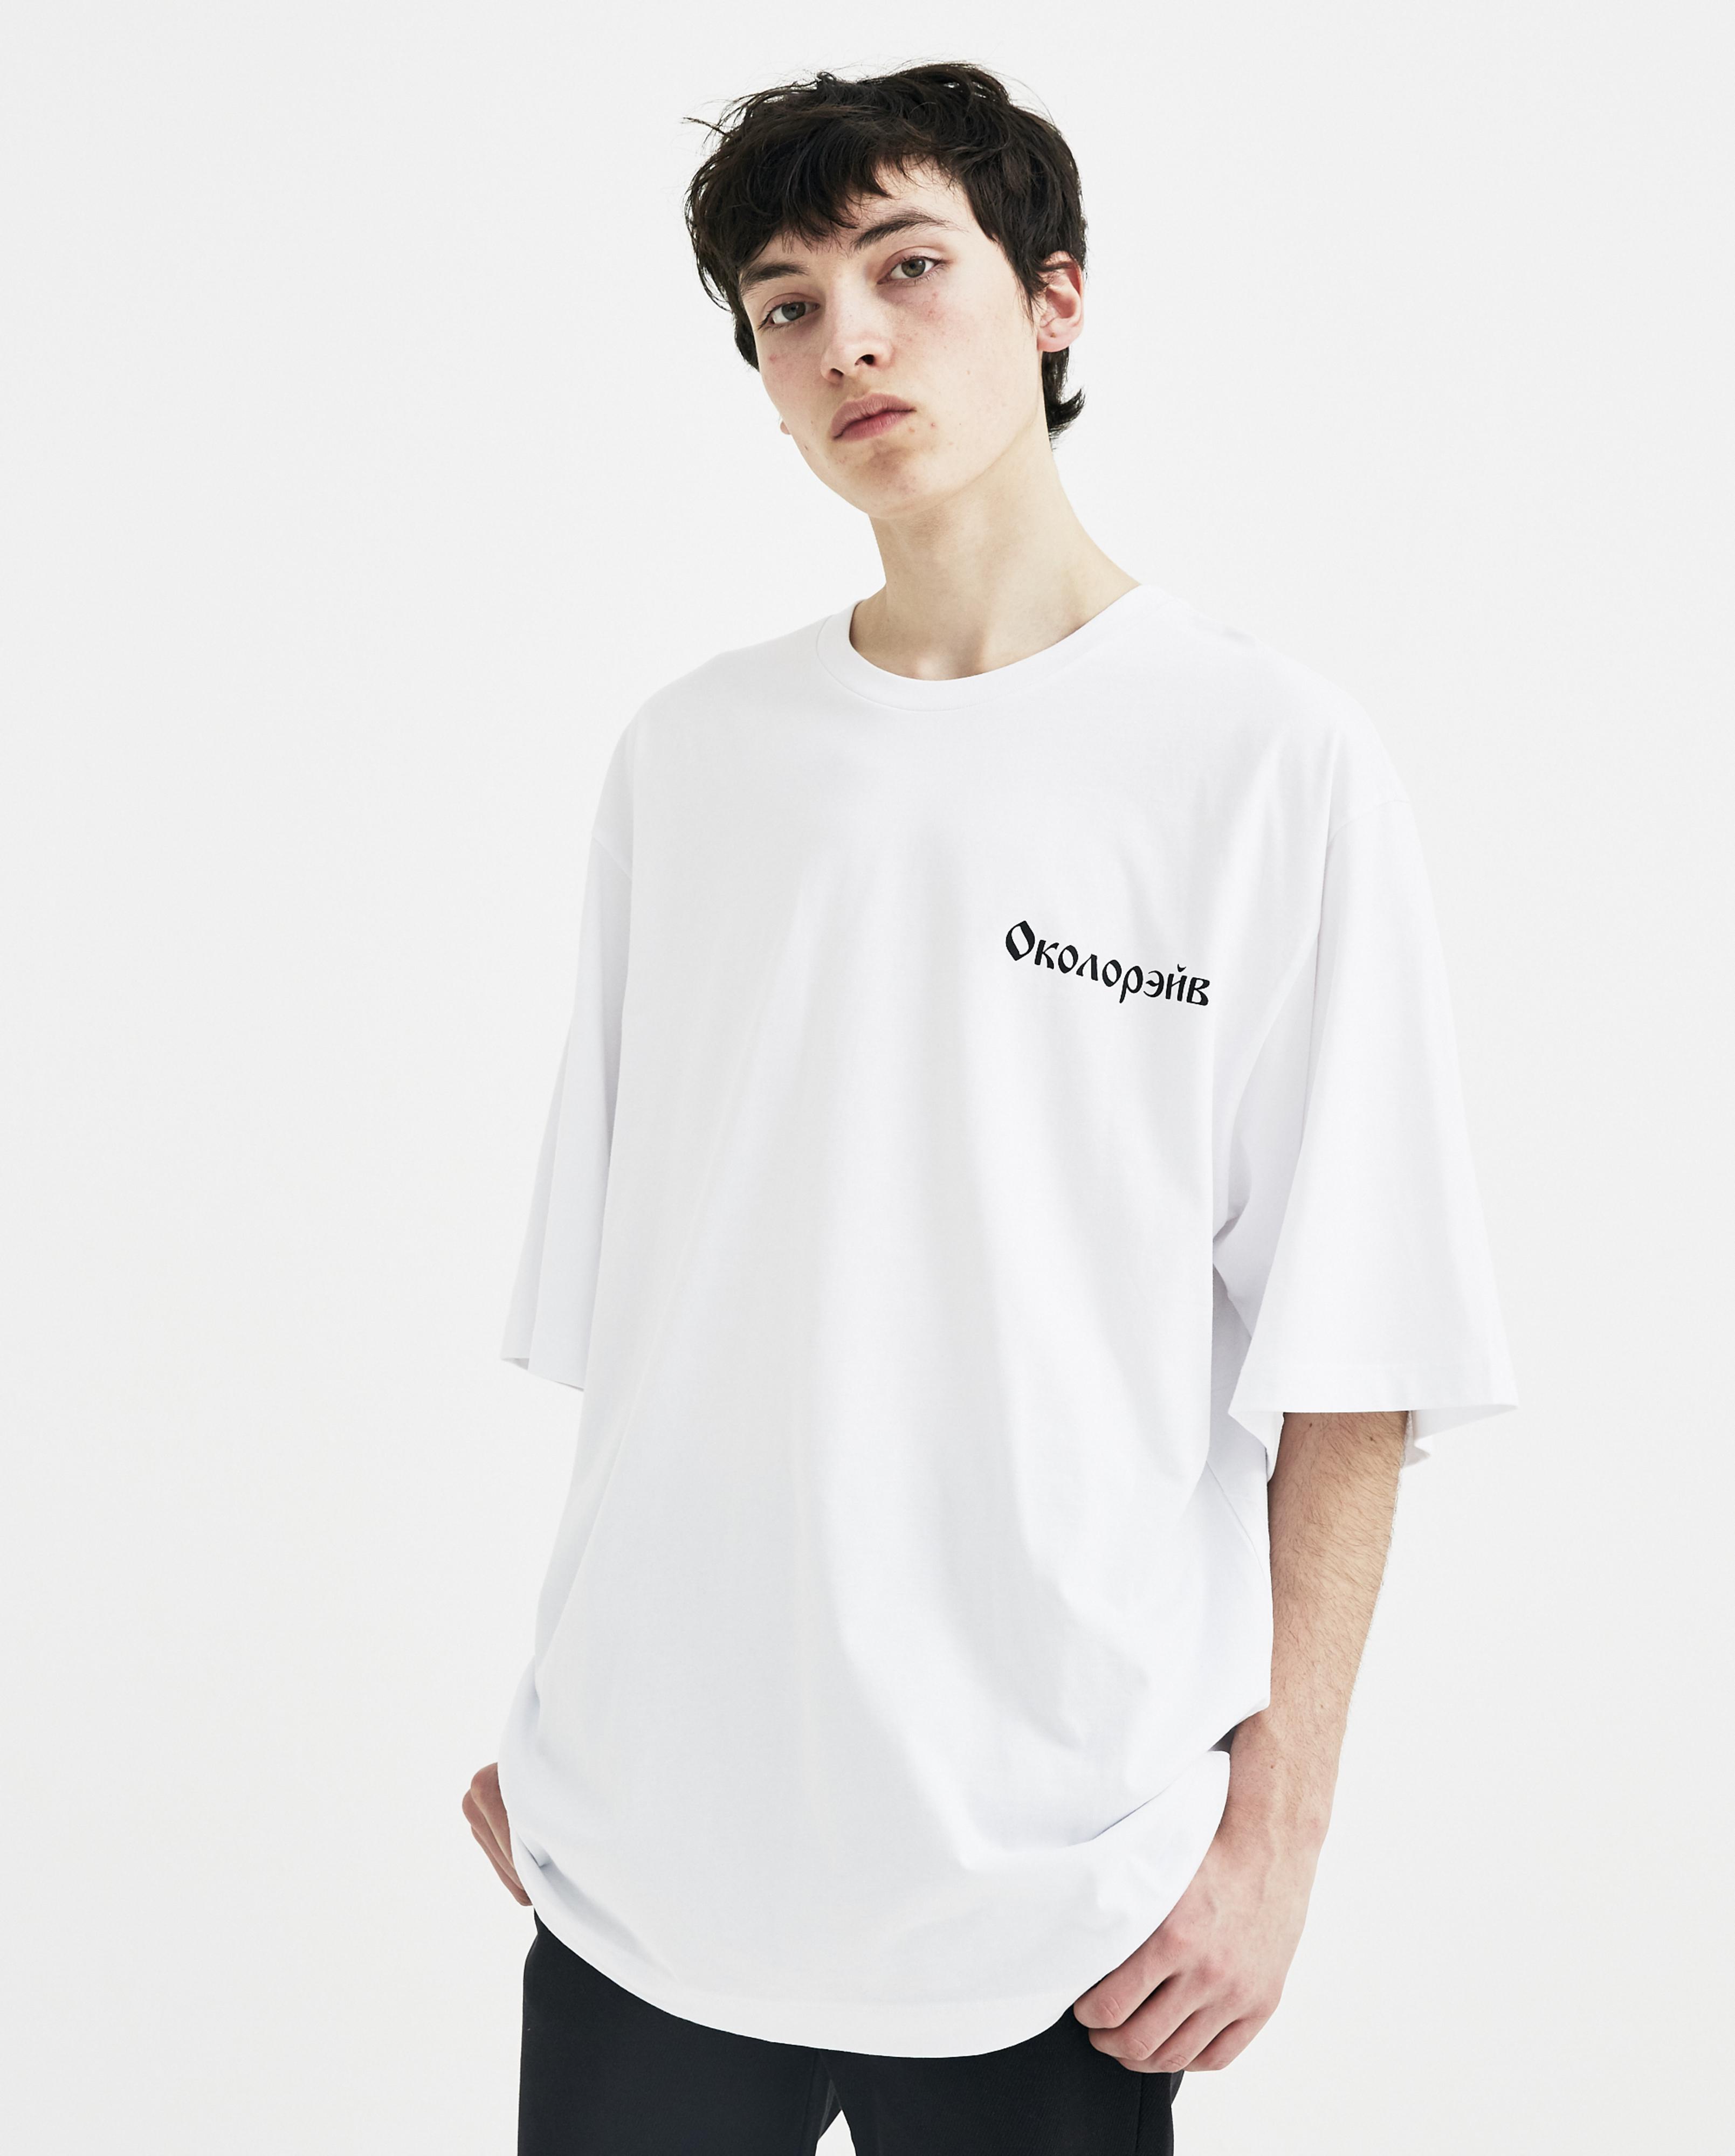 9d57e5f454a1 Gosha Rubchinskiy Rave Oversize T-shirt in White for Men - Lyst